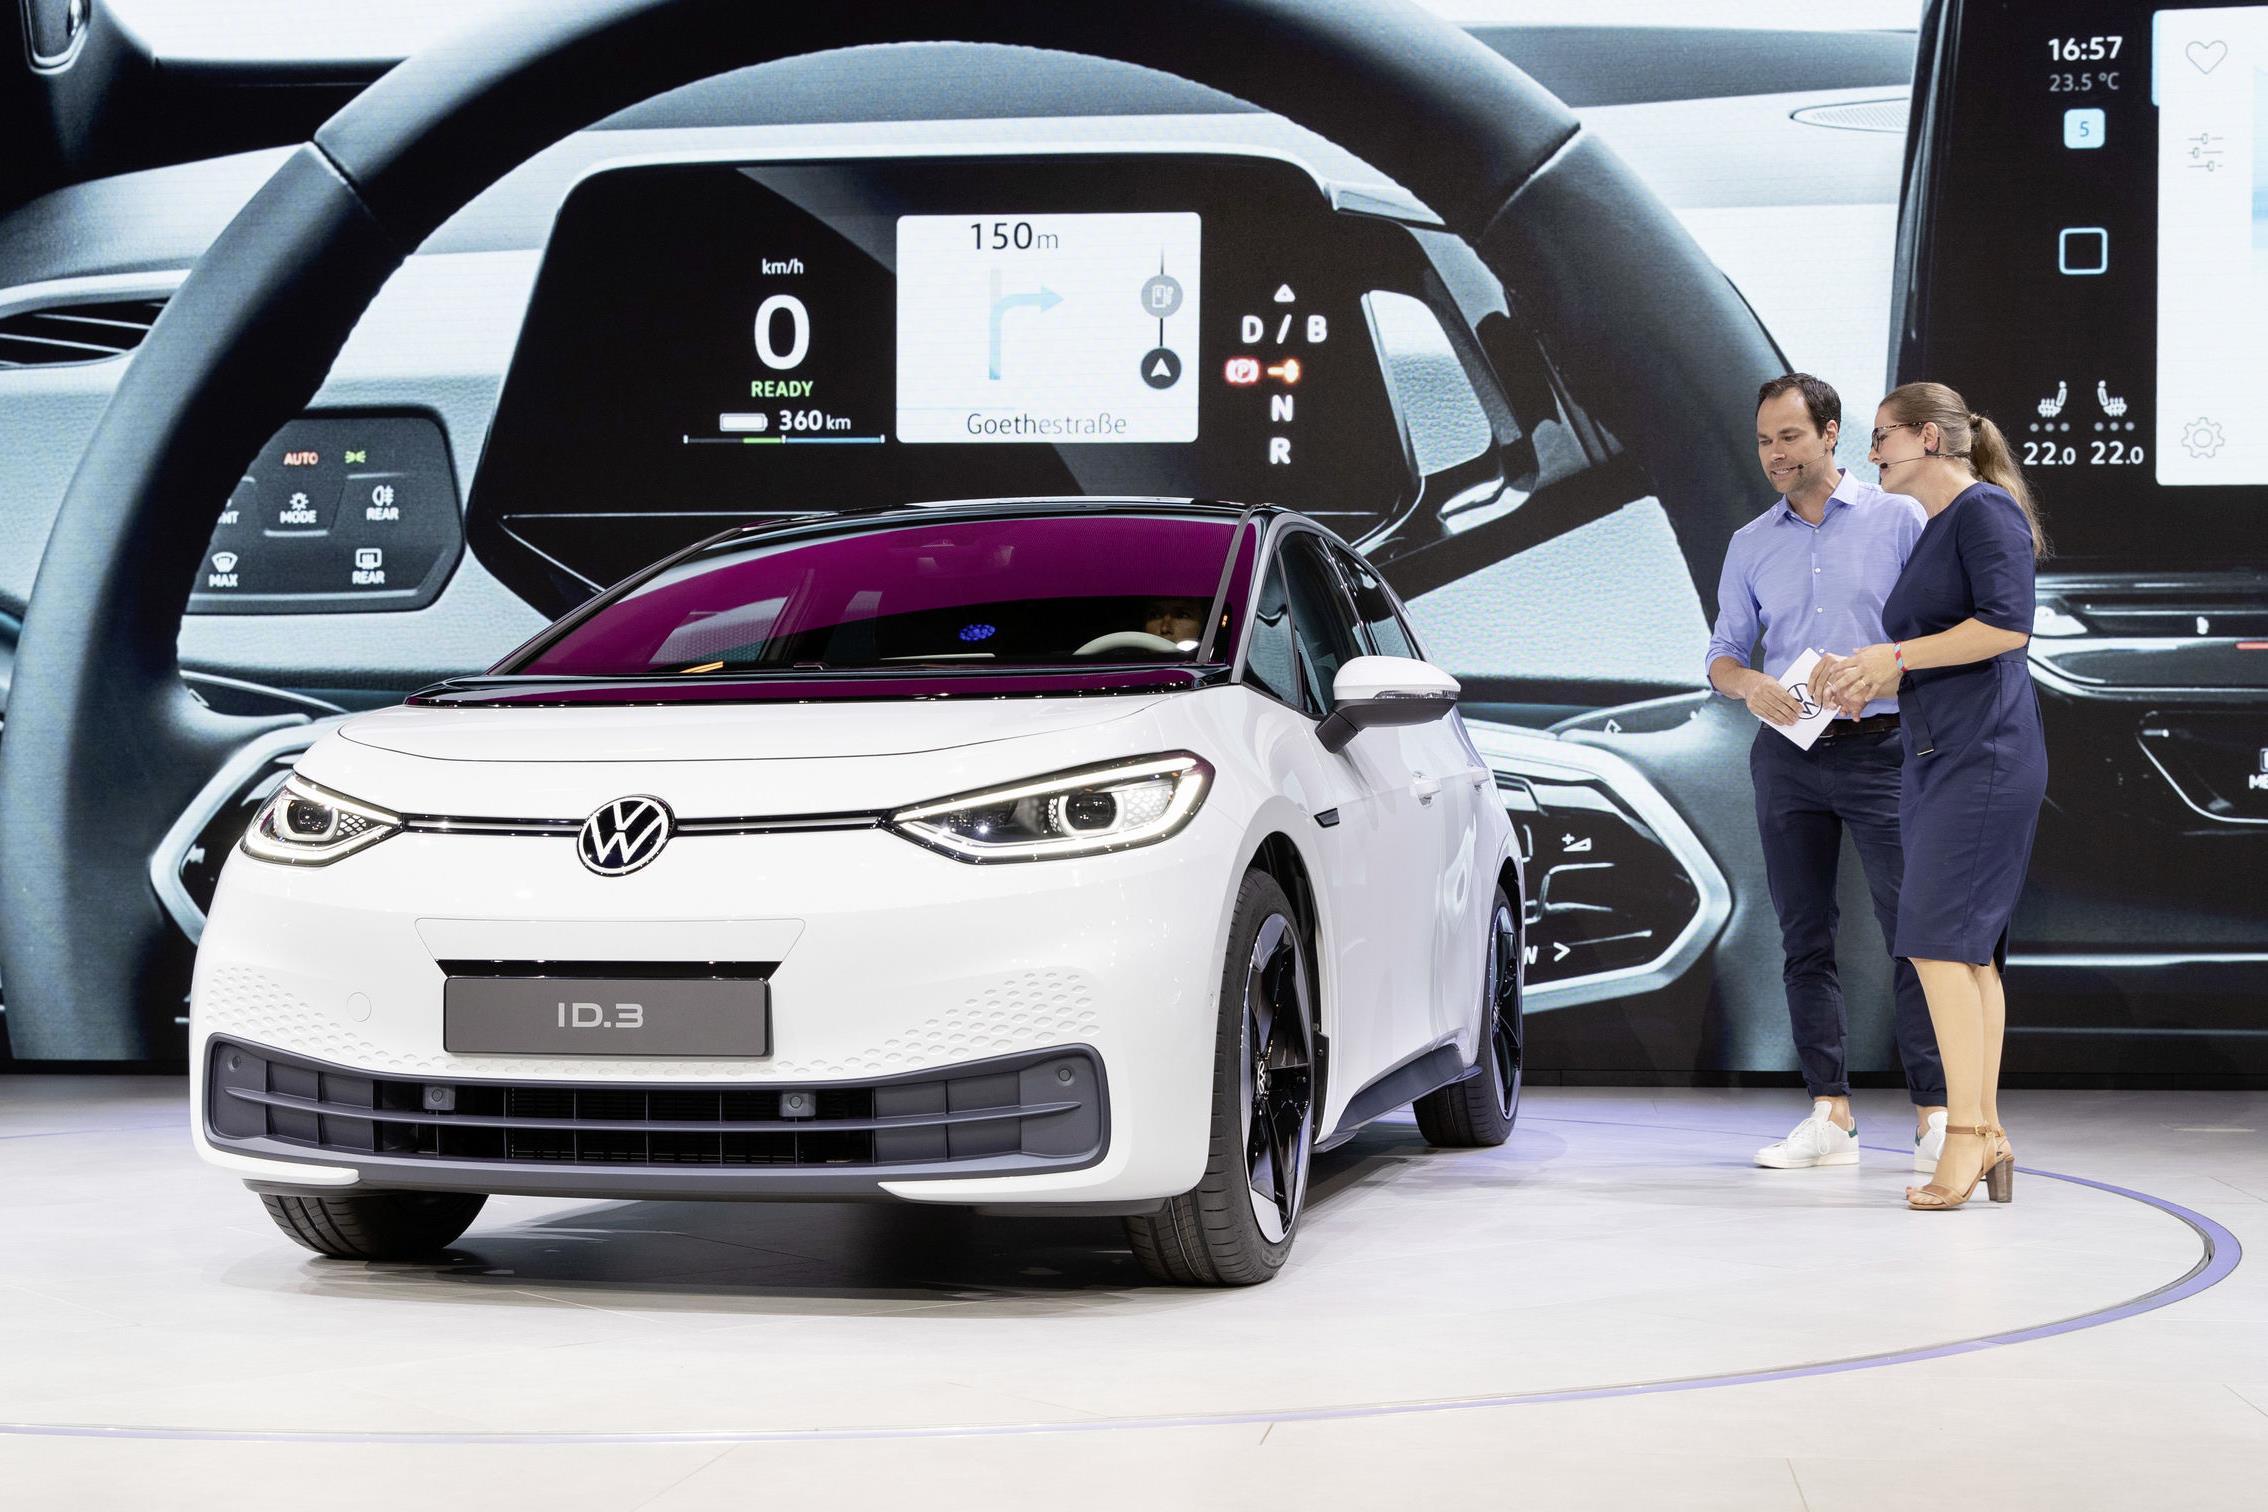 Negyedórás e-autó akkumulátor töltési időt ígér egy cég